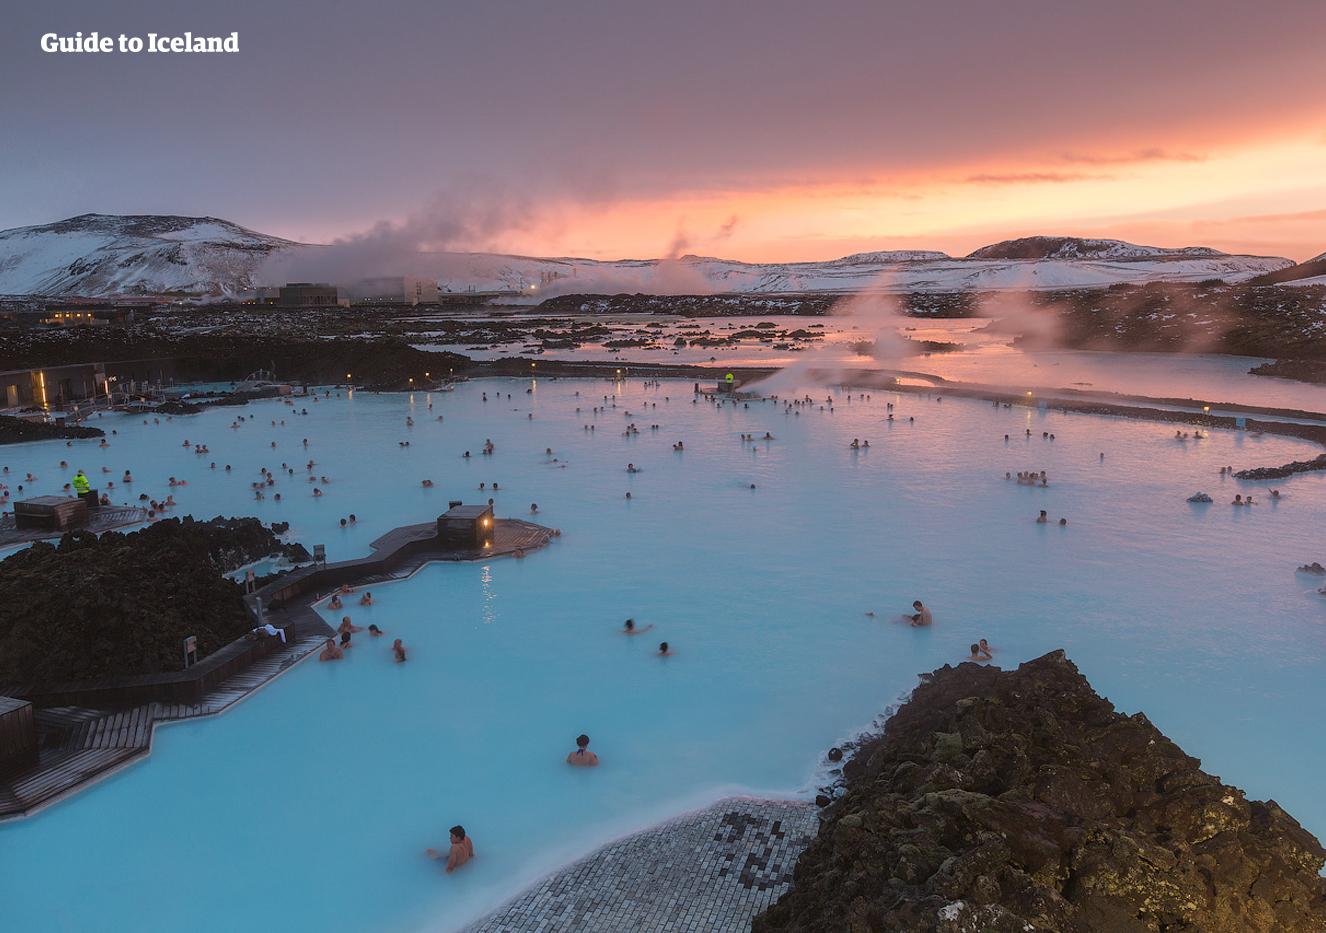 Nach einer langen Reise und vor einem langen Flug ist die Blaue Lagune der ideale Ort, um sich zu erholen.